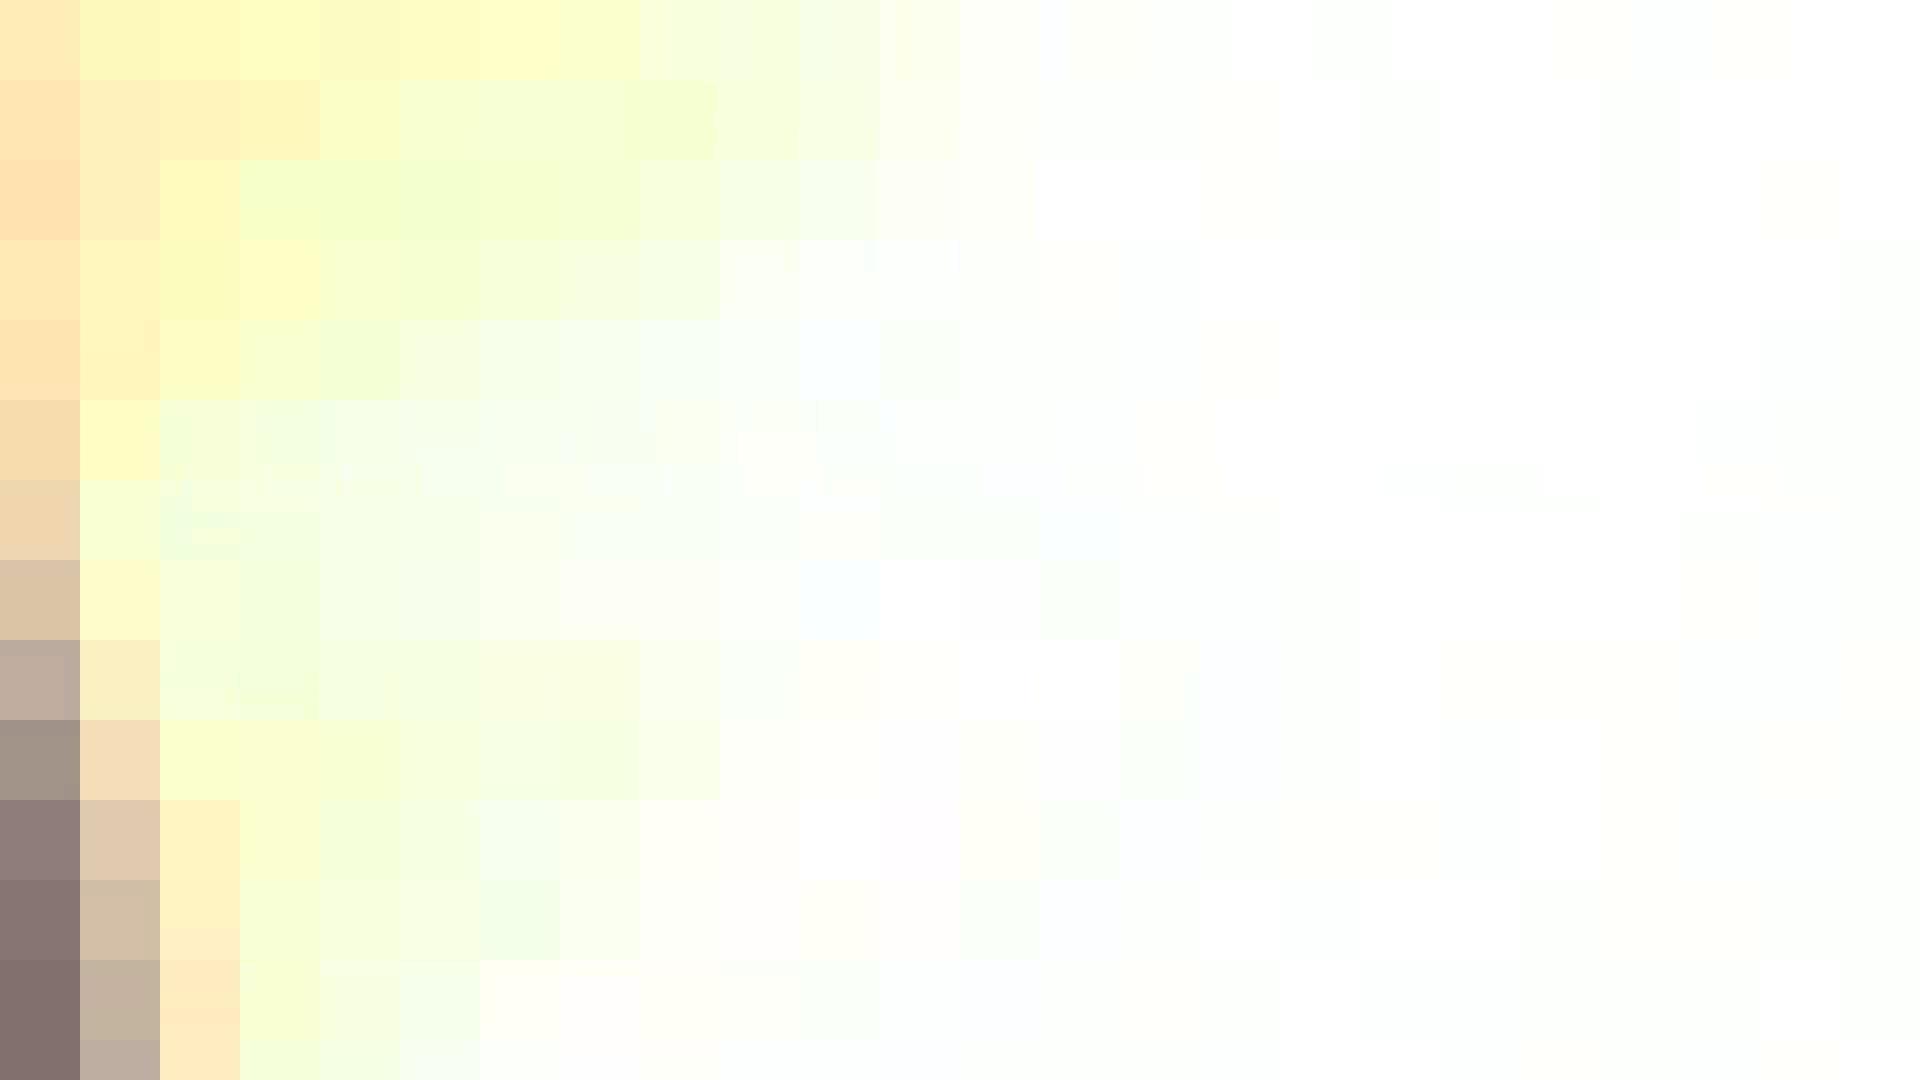 阿国ちゃんの「和式洋式七変化」No.18 iBO(フタコブ) 和式 盗撮 110PIX 40